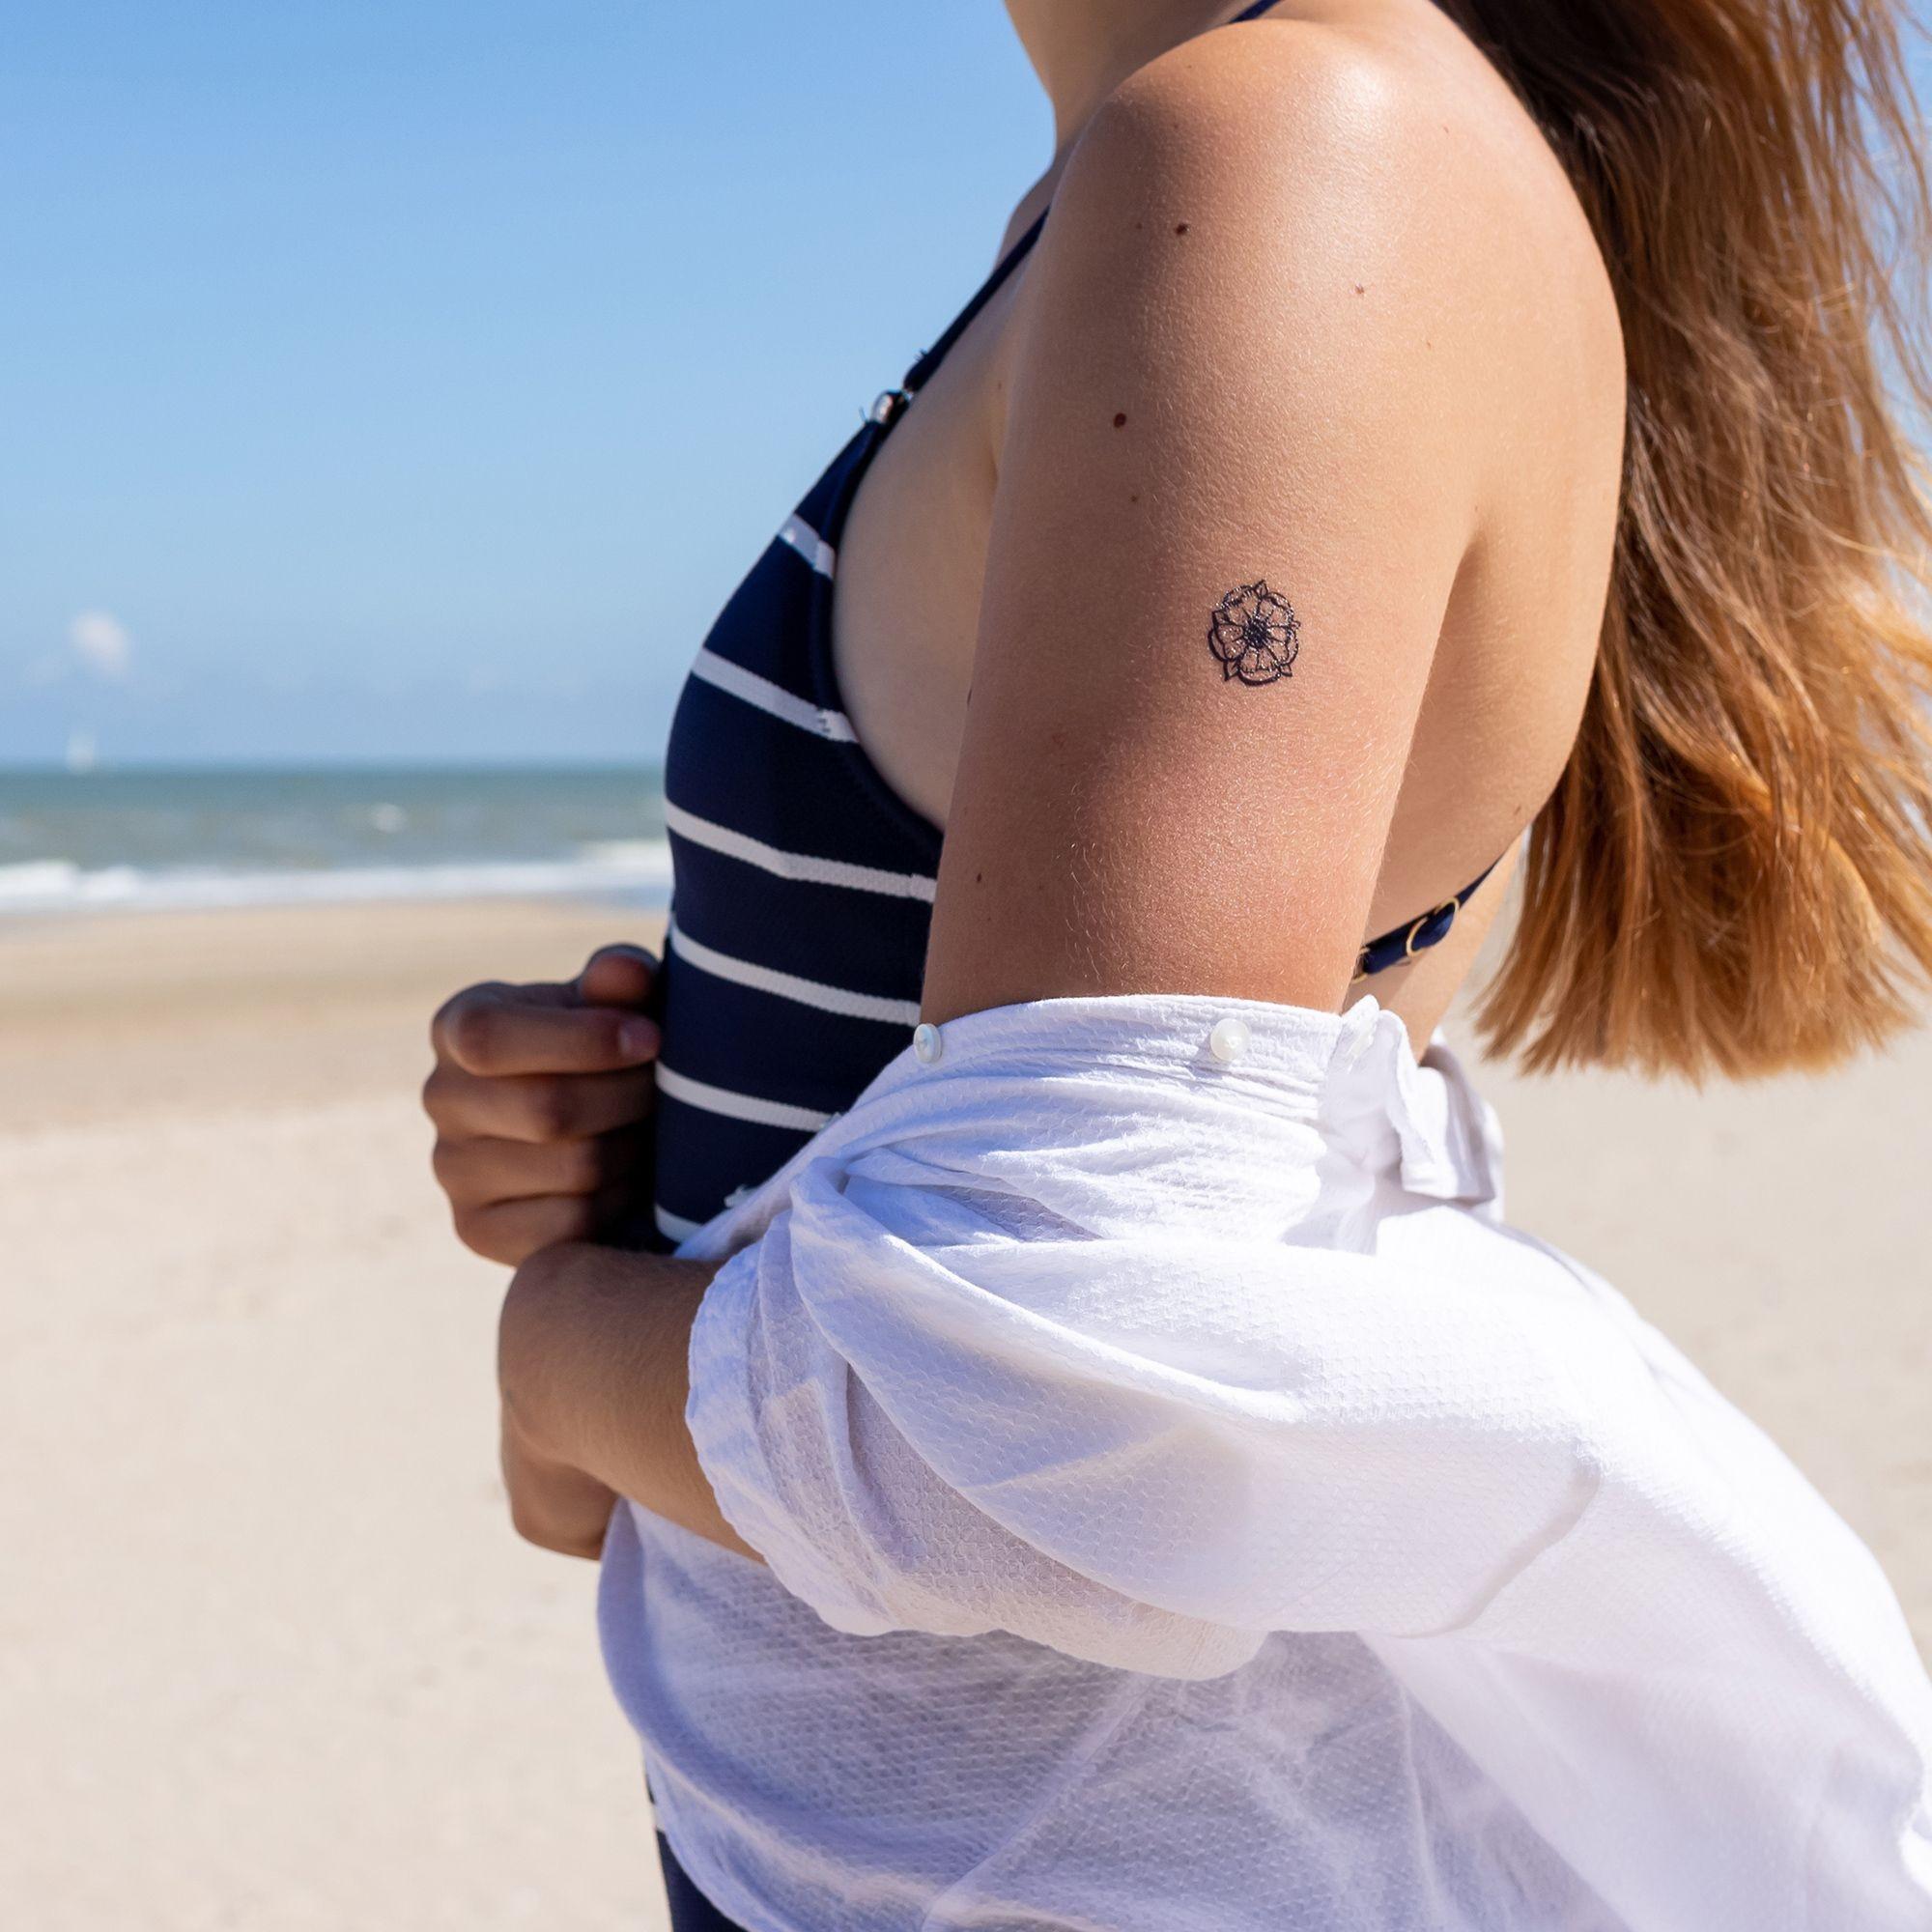 La vie est belle tatouage ephemere